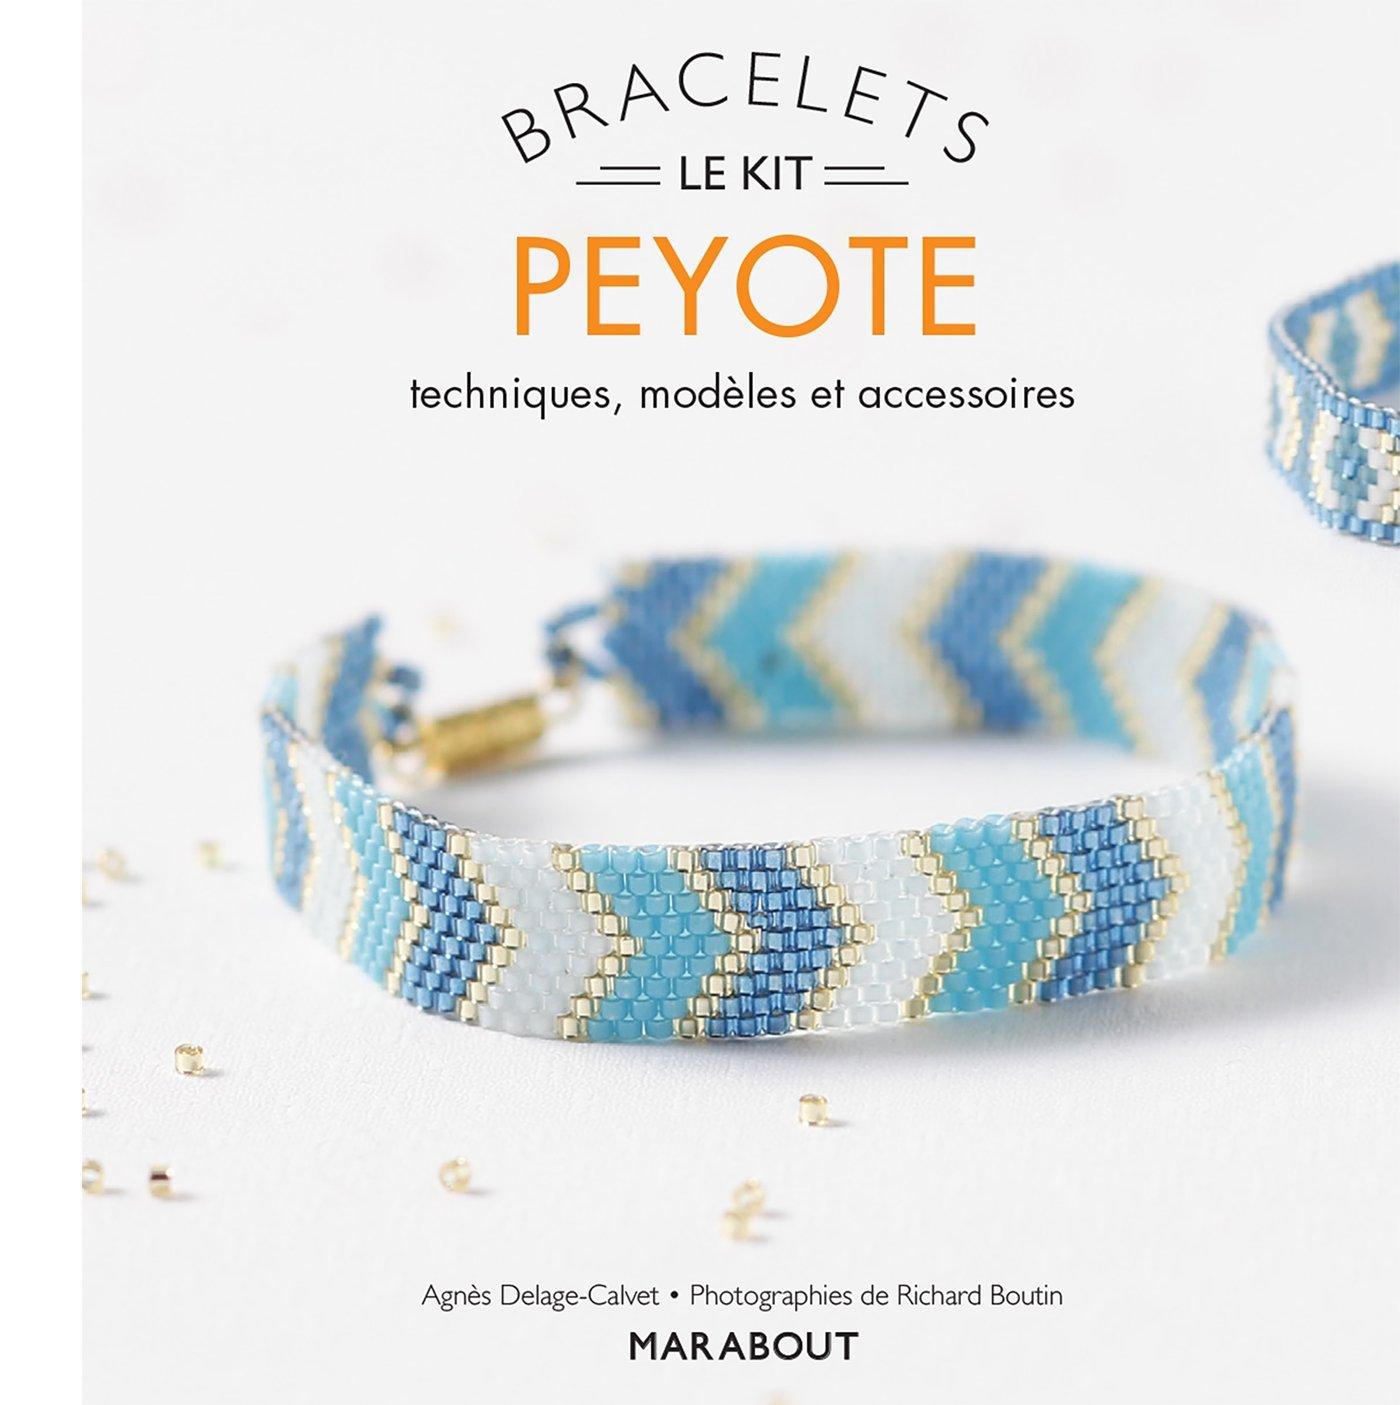 bracelet perle peyote